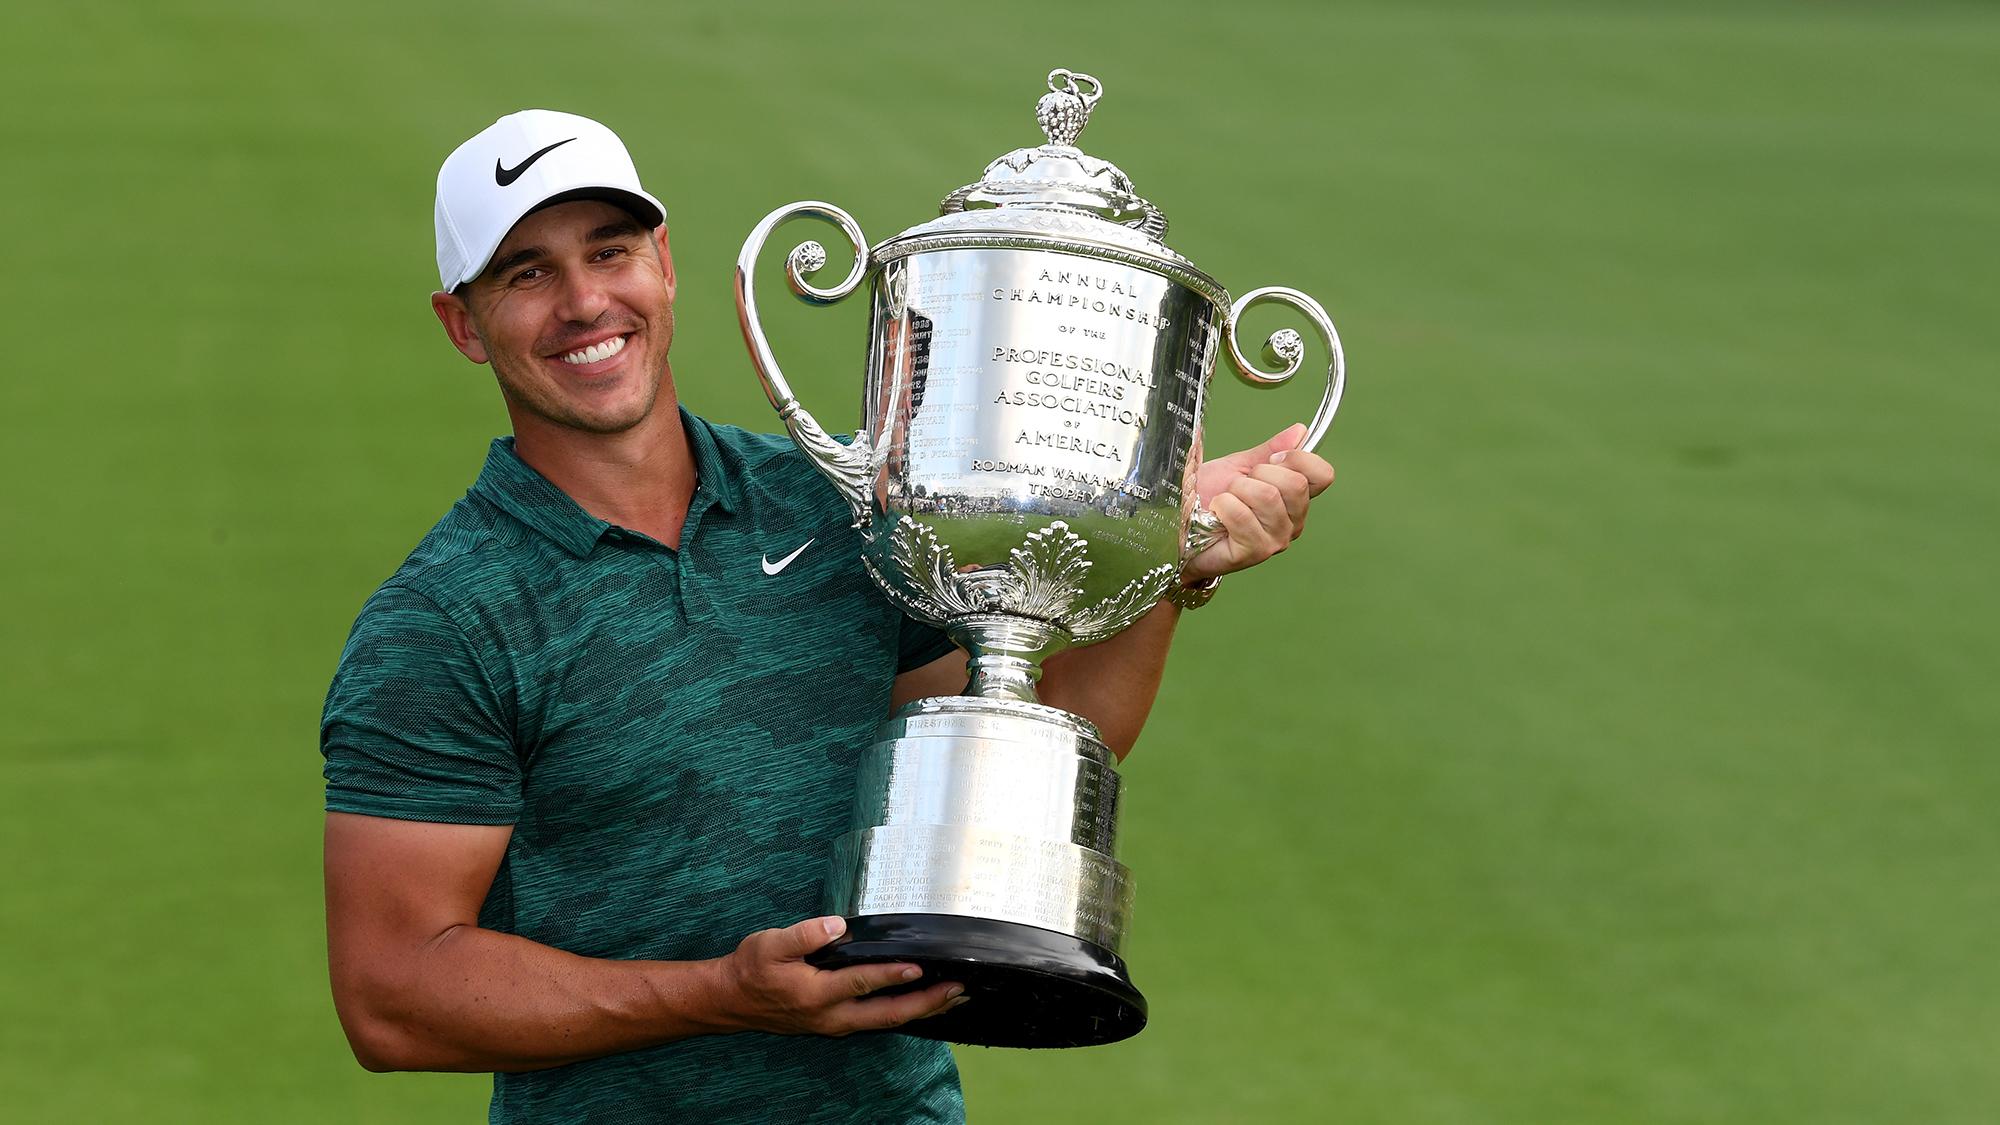 d45e31842e989 Golf predictions 2019  Top storylines